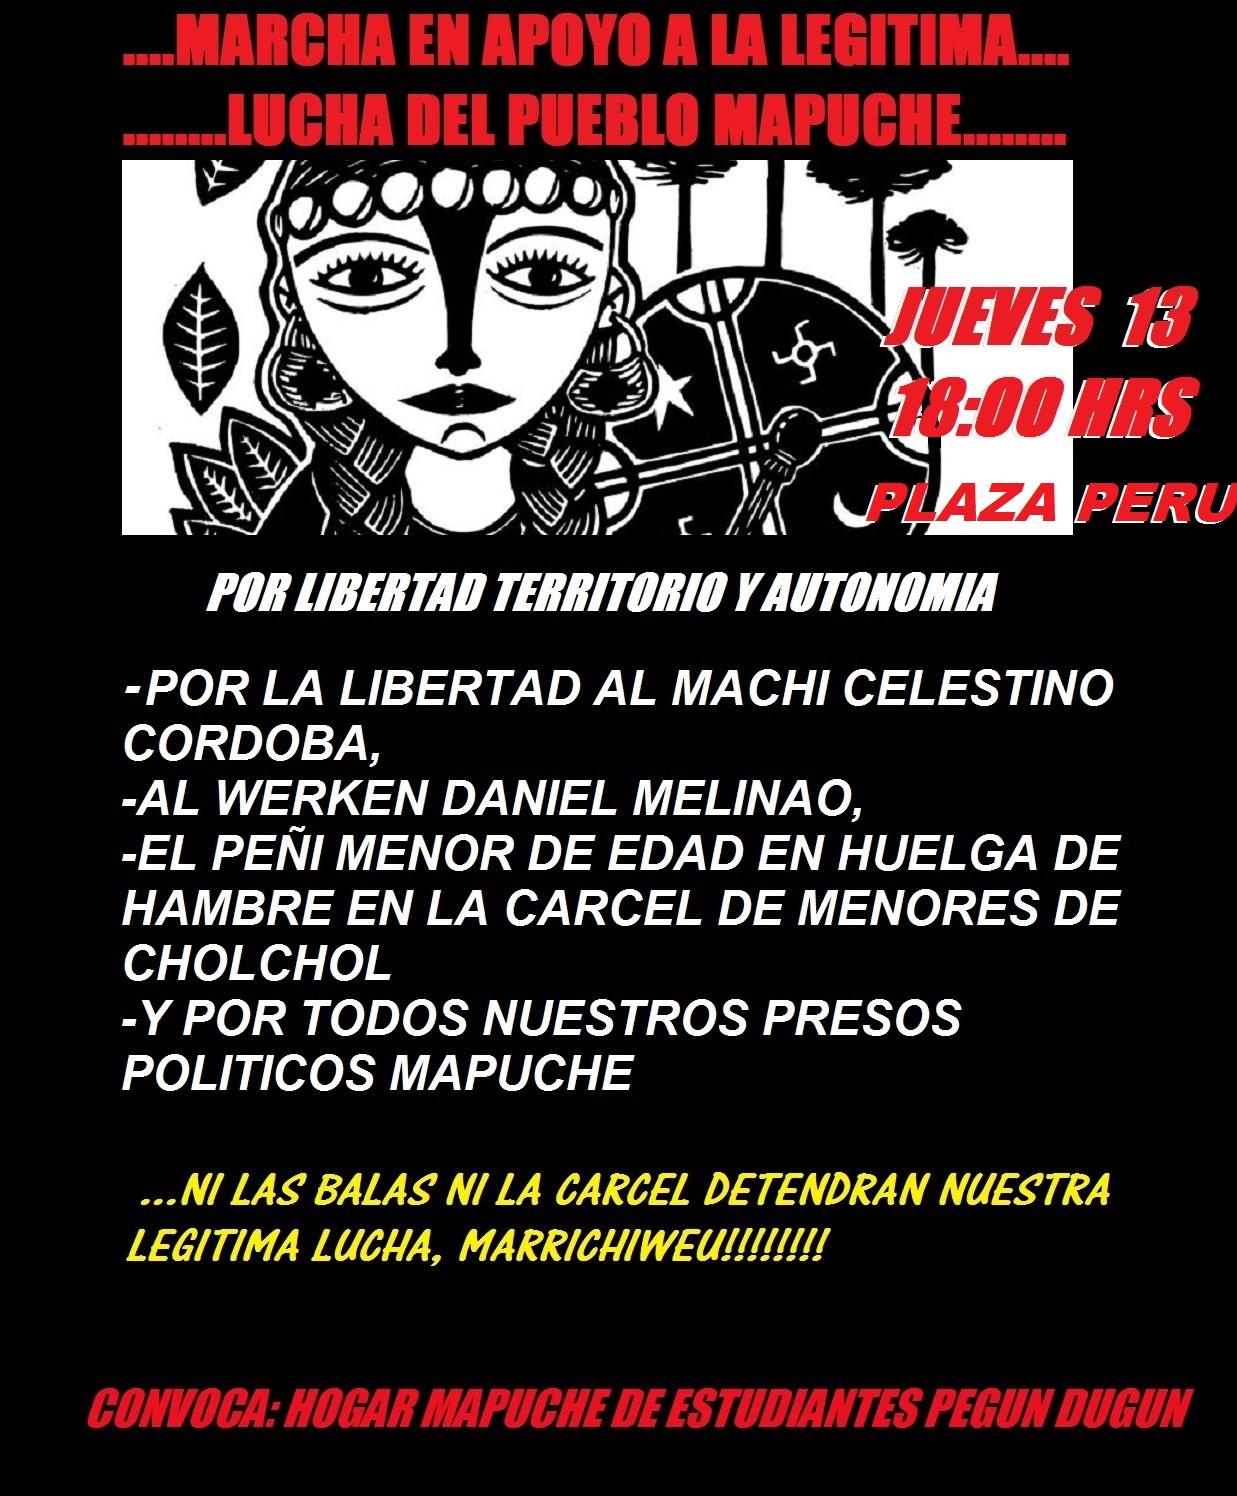 Marcha Mapuche 13 de Junio 2013 en Concepción